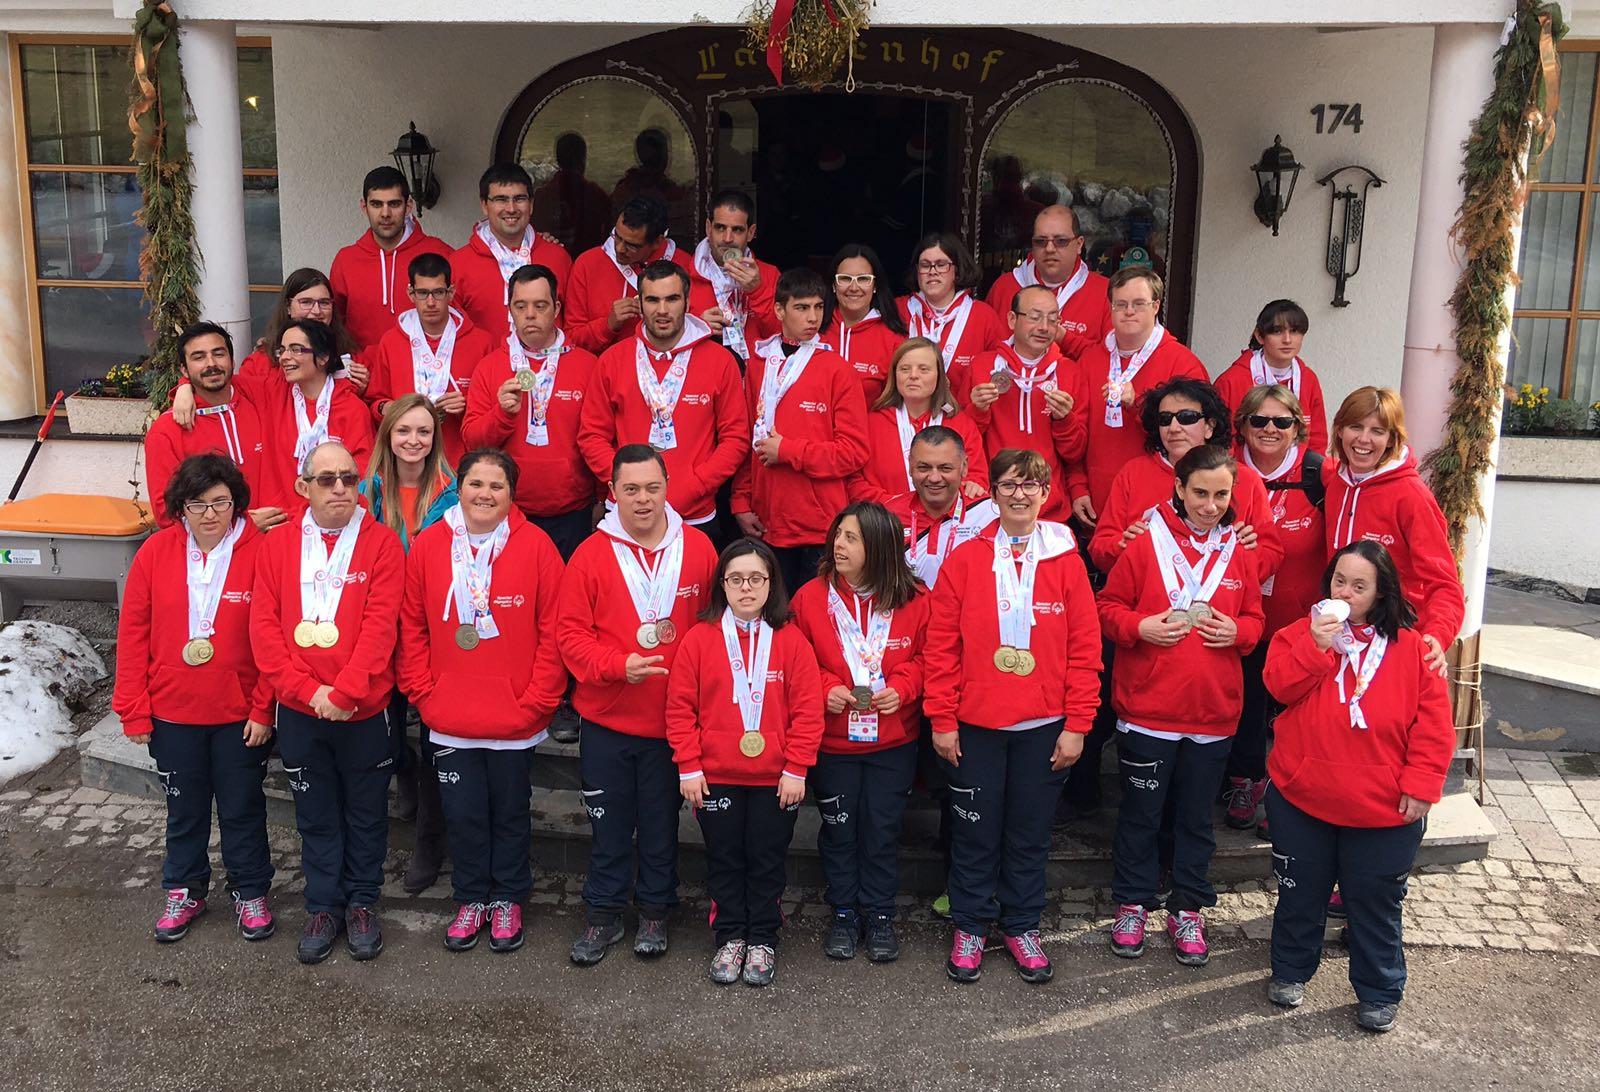 Delegación española con sus medallas